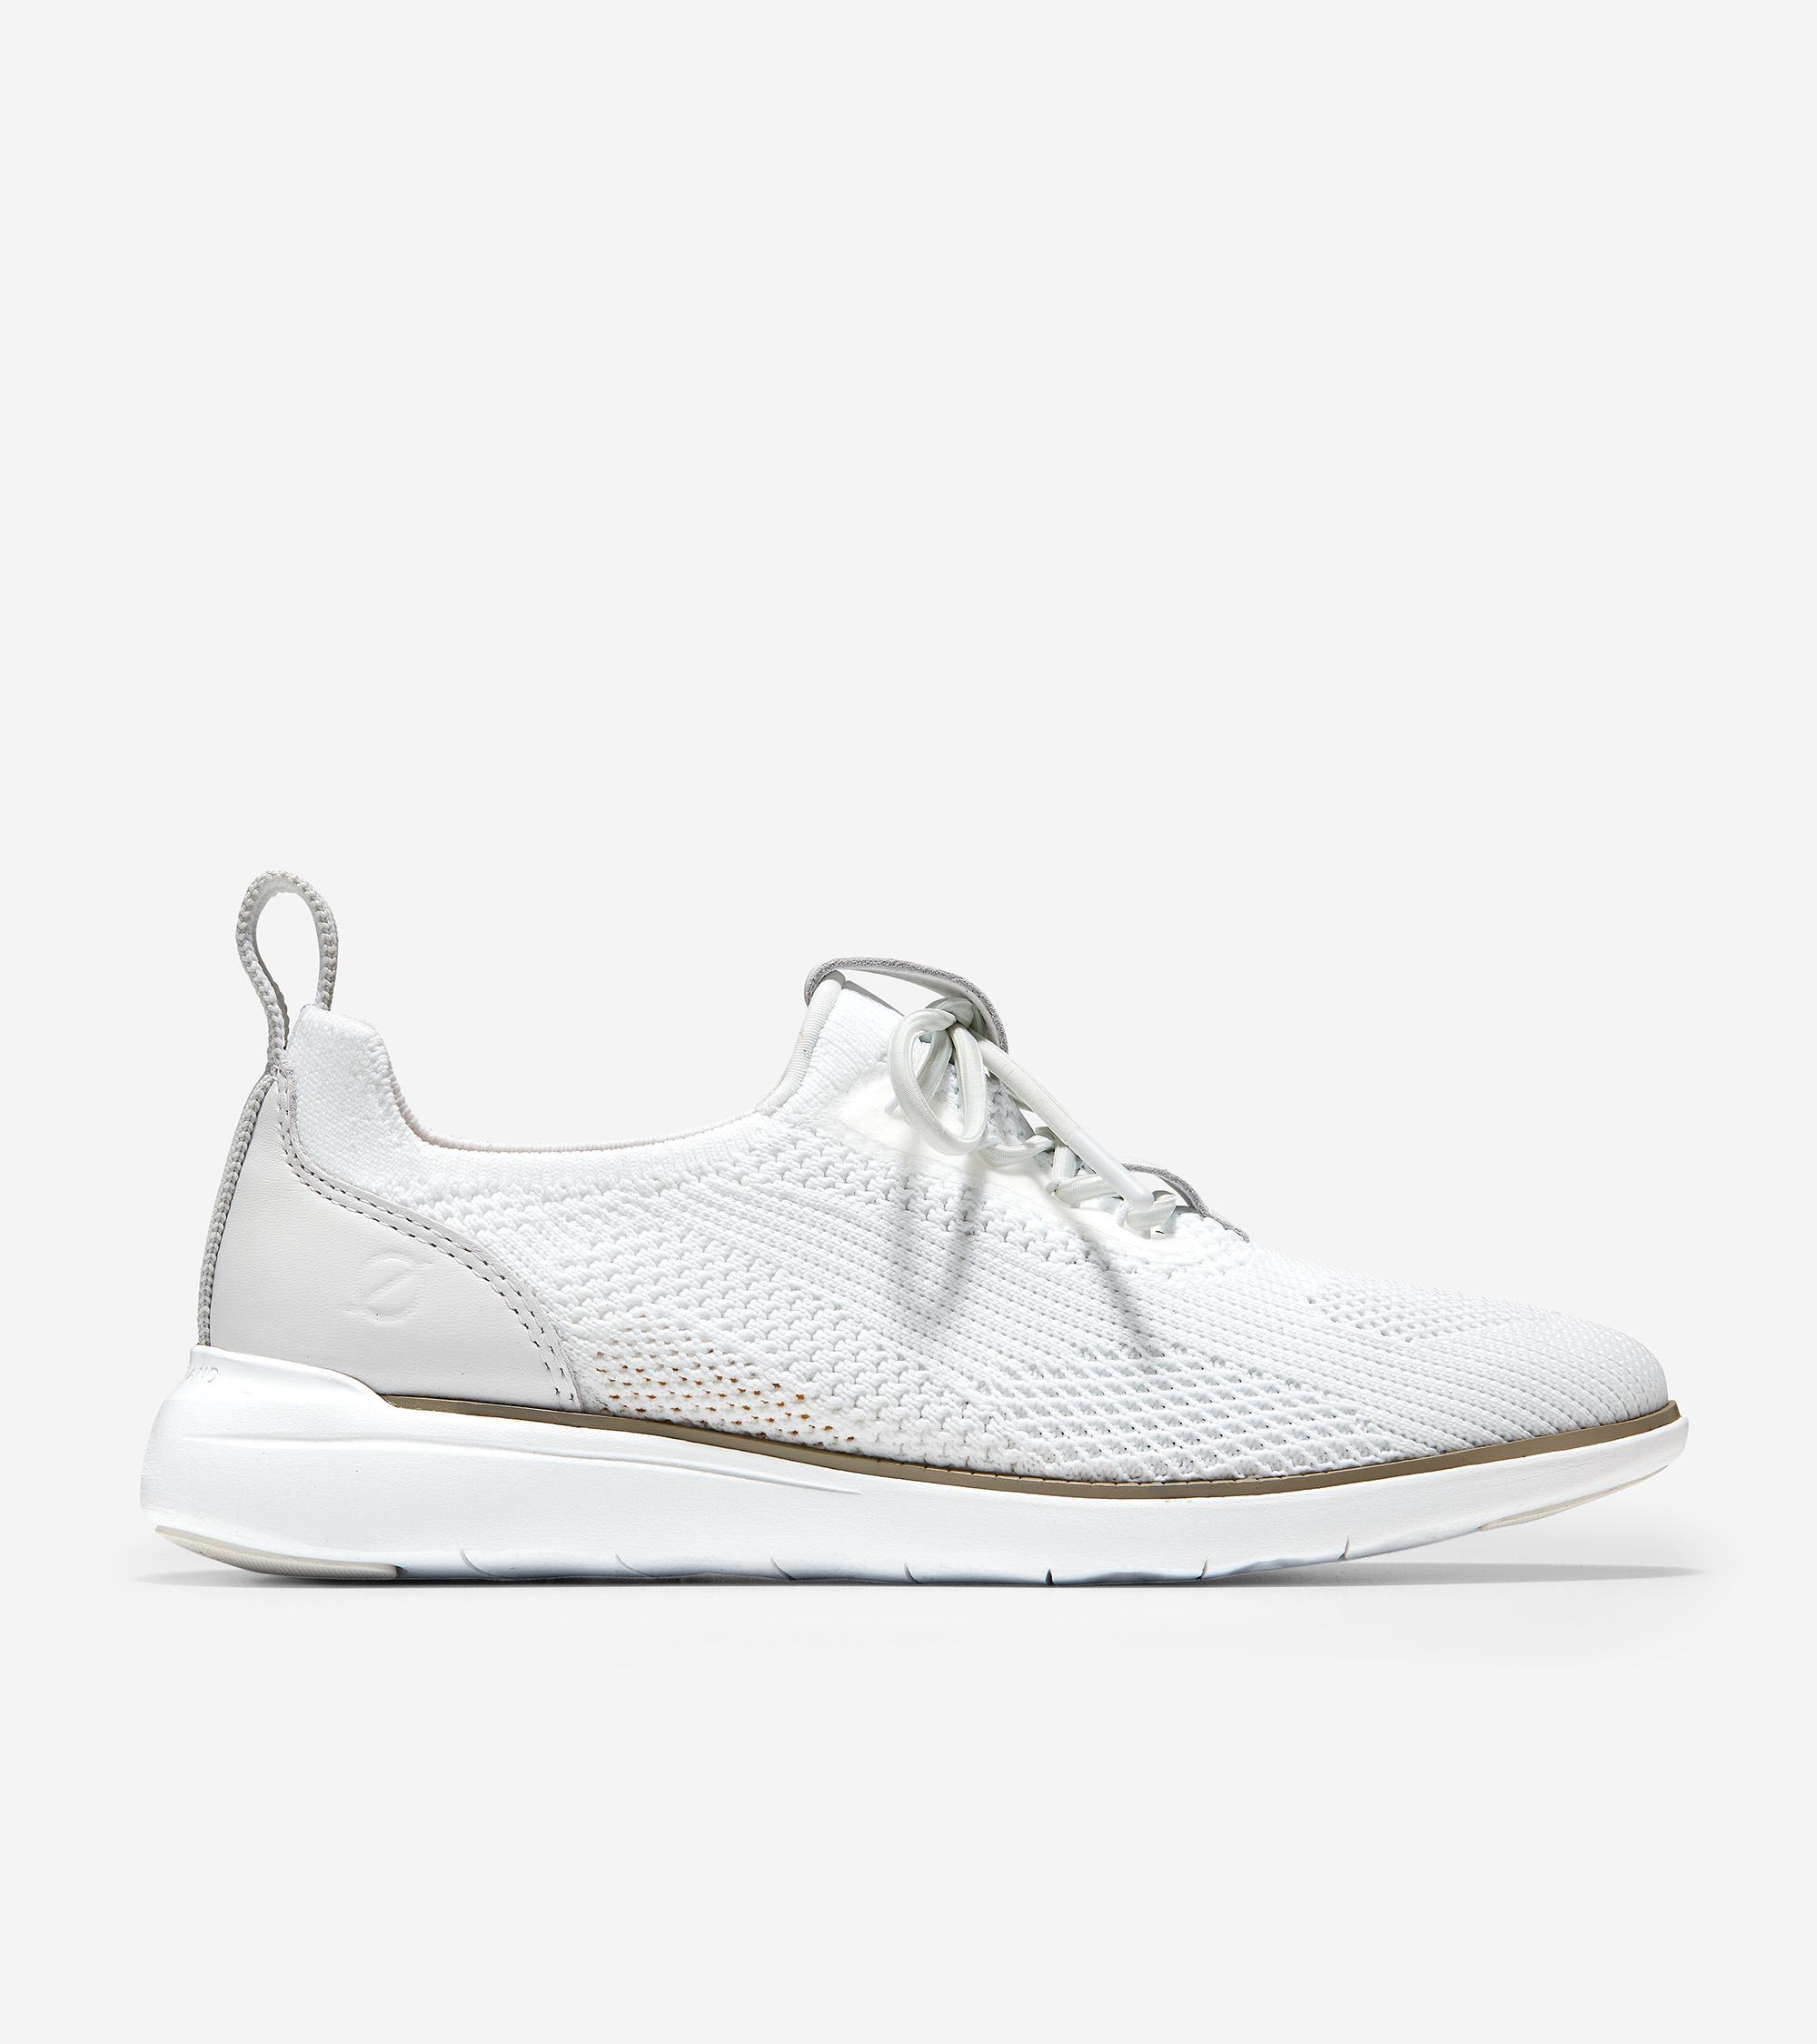 Cole Haan Women's ZERØGRAND Global Trainer Sneaker $49.97